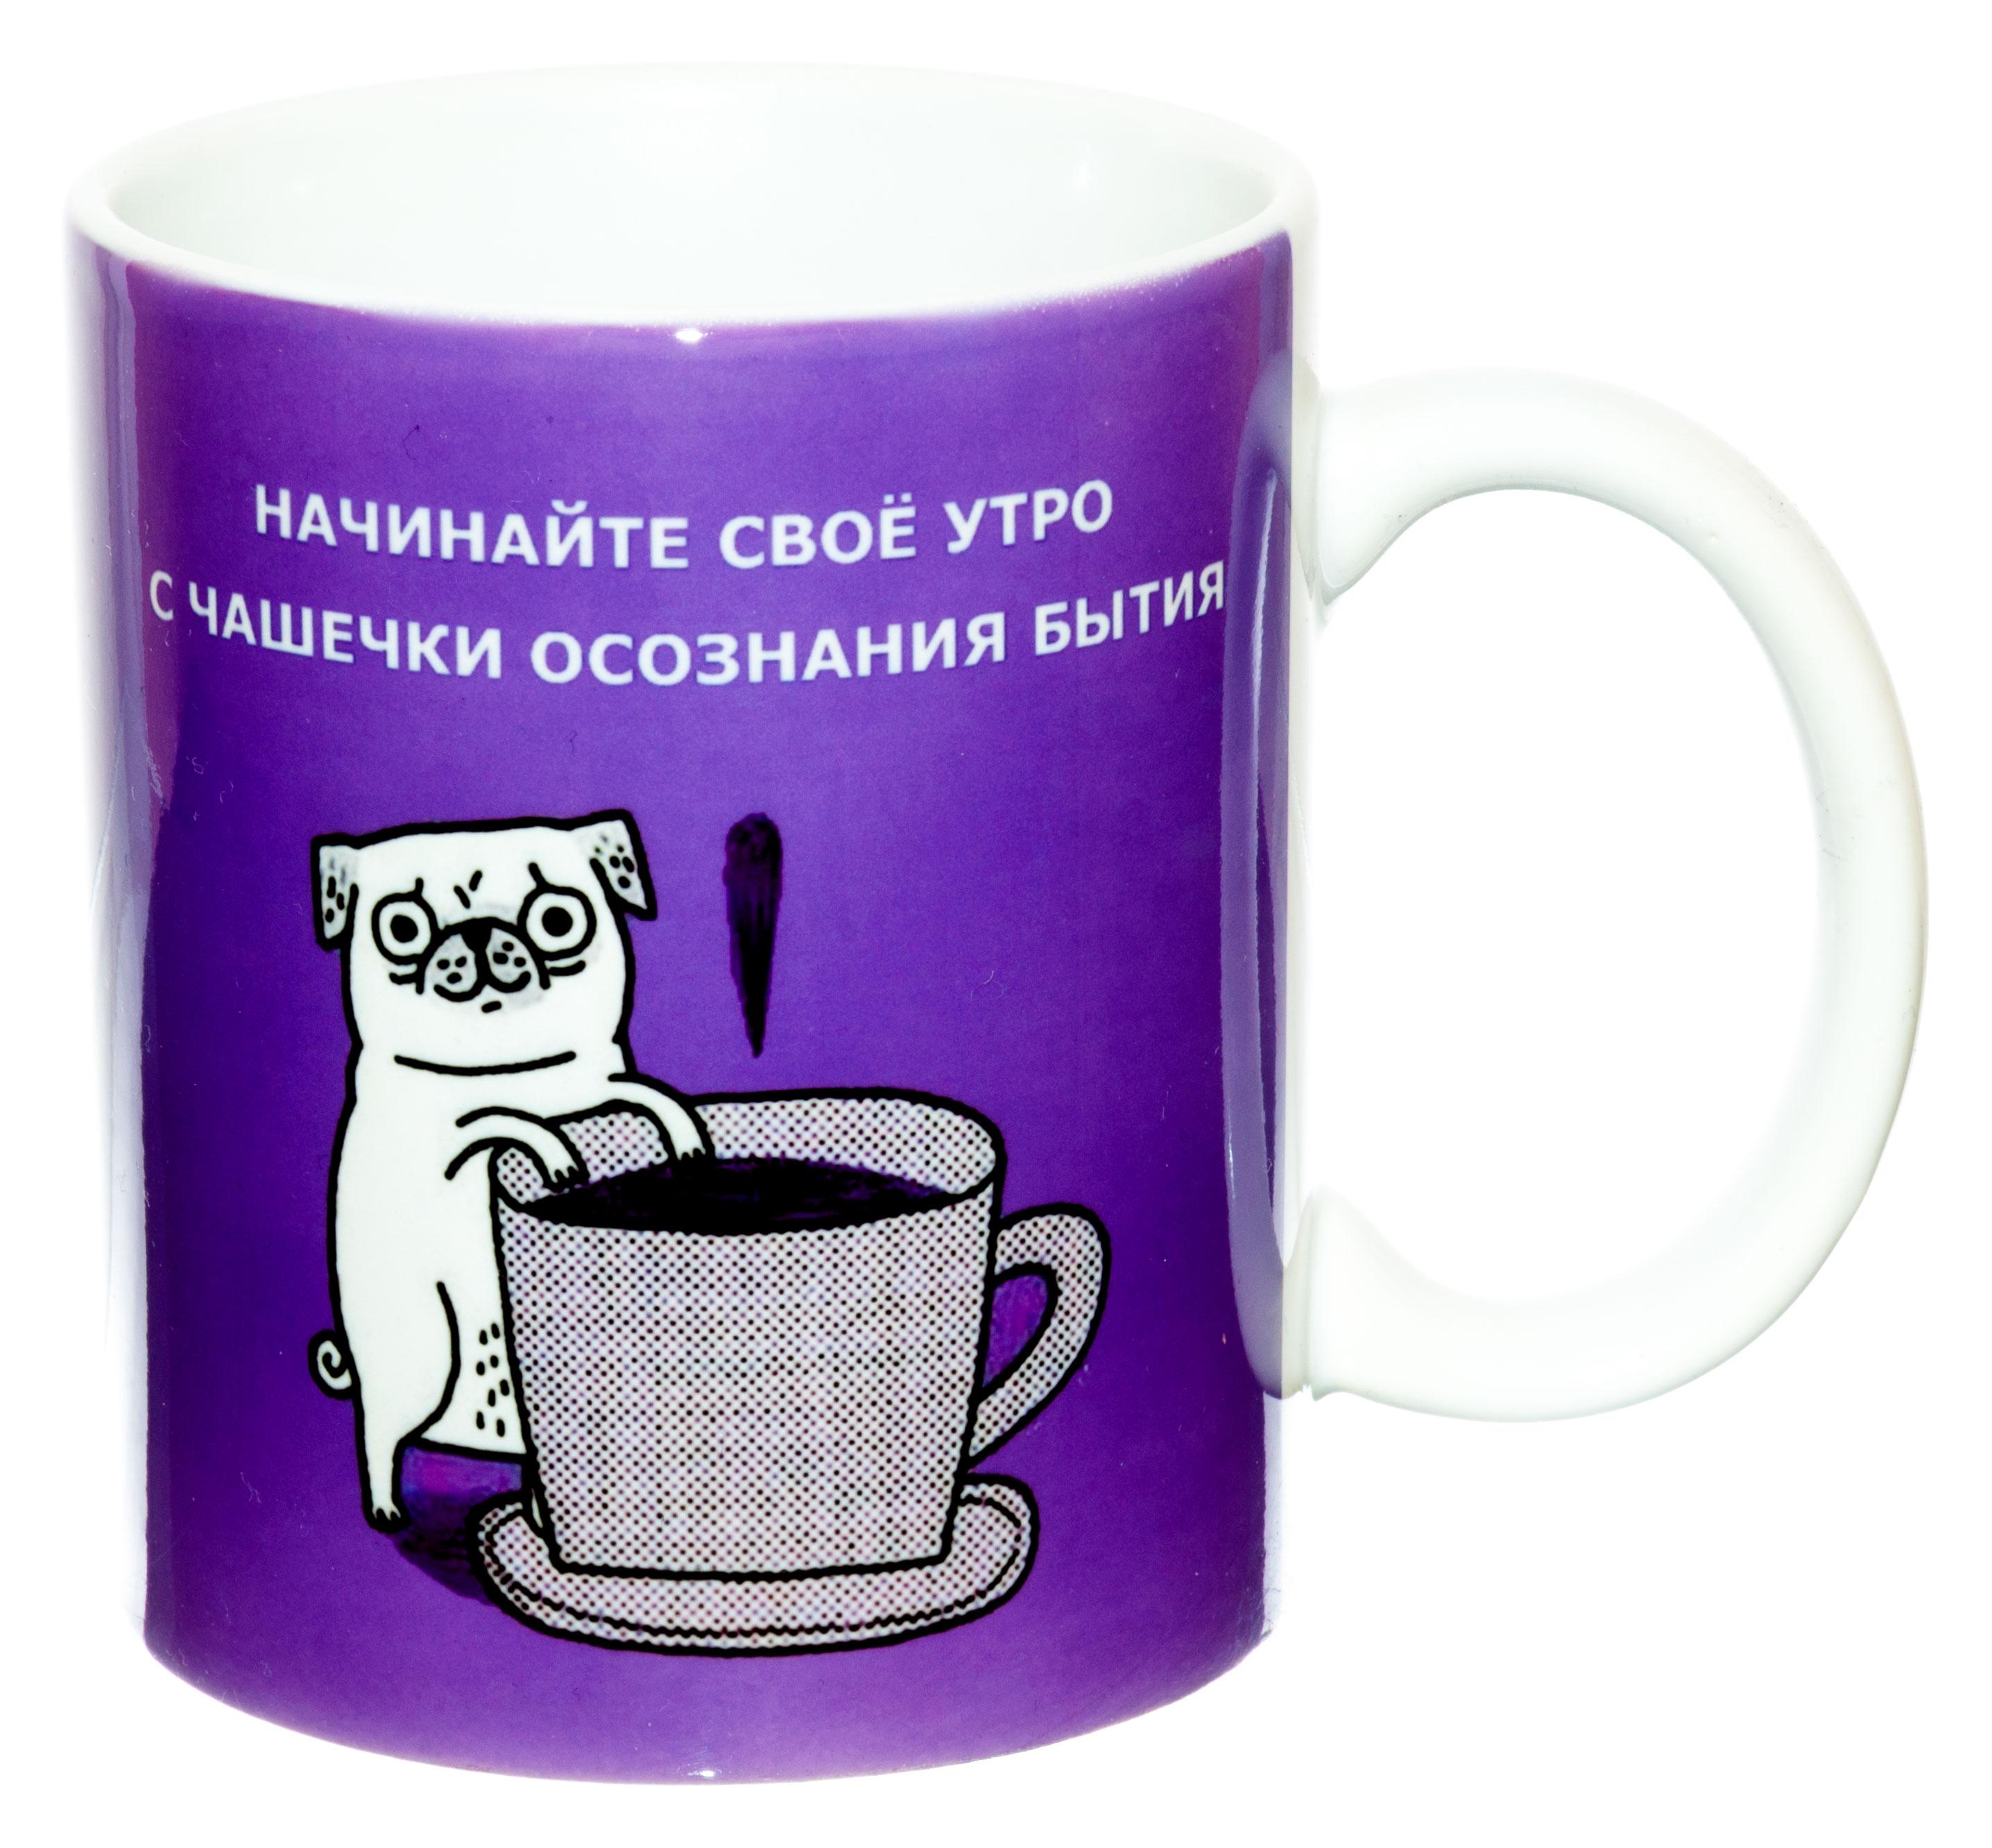 Керамическая кружка 3Dollara Начинайте свое утро с чашечки осознания бытия. MUG0297